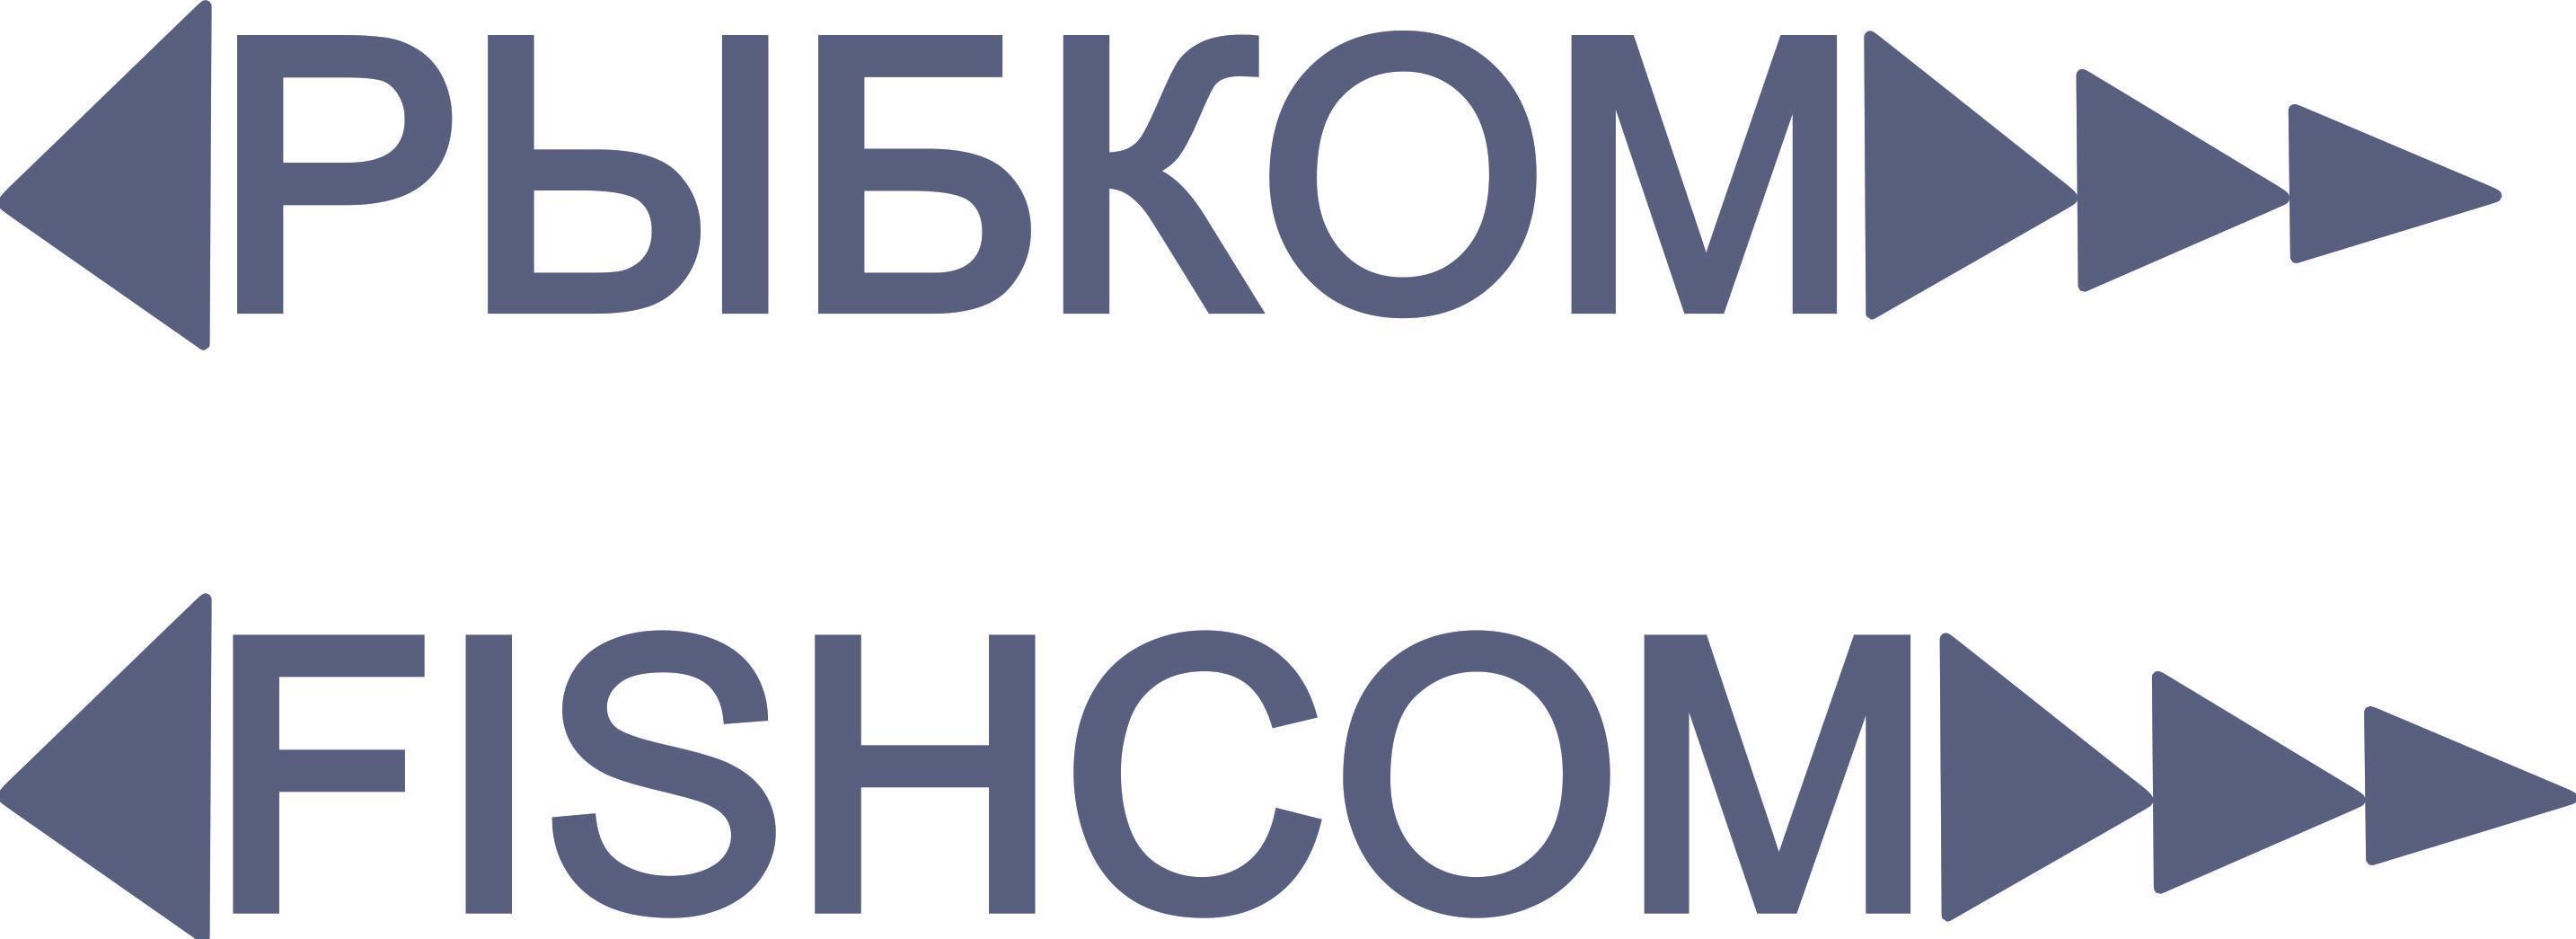 Создание логотипа и брэндбука для компании РЫБКОМ фото f_0545c11e4e20d3be.jpg